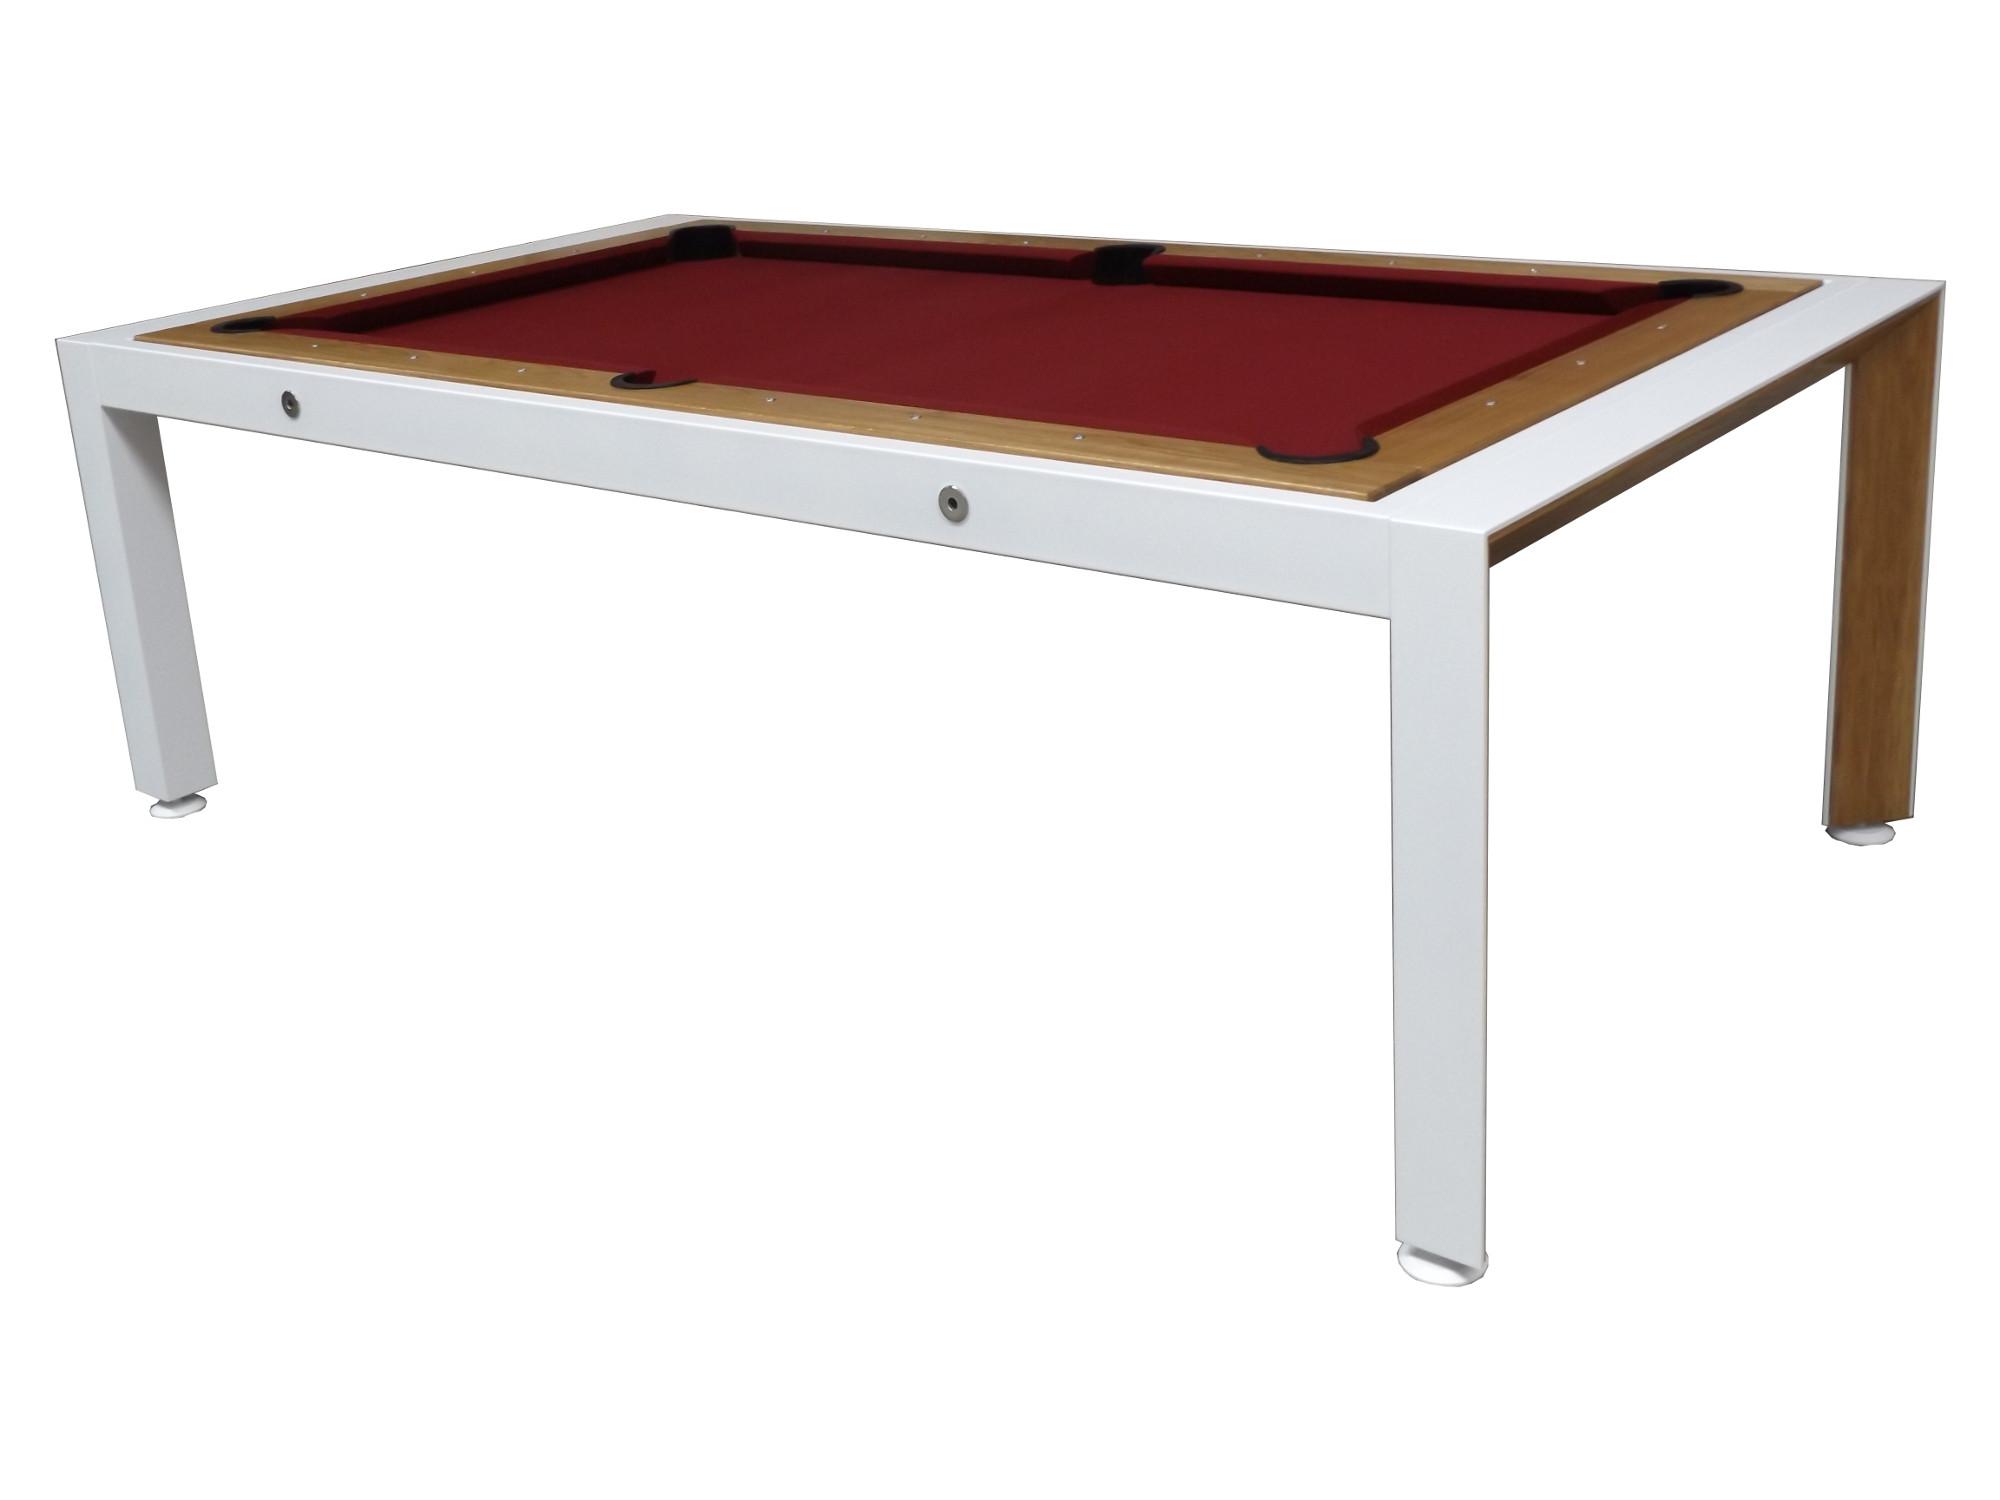 billardtisch esstisch drehbar heimdesign. Black Bedroom Furniture Sets. Home Design Ideas